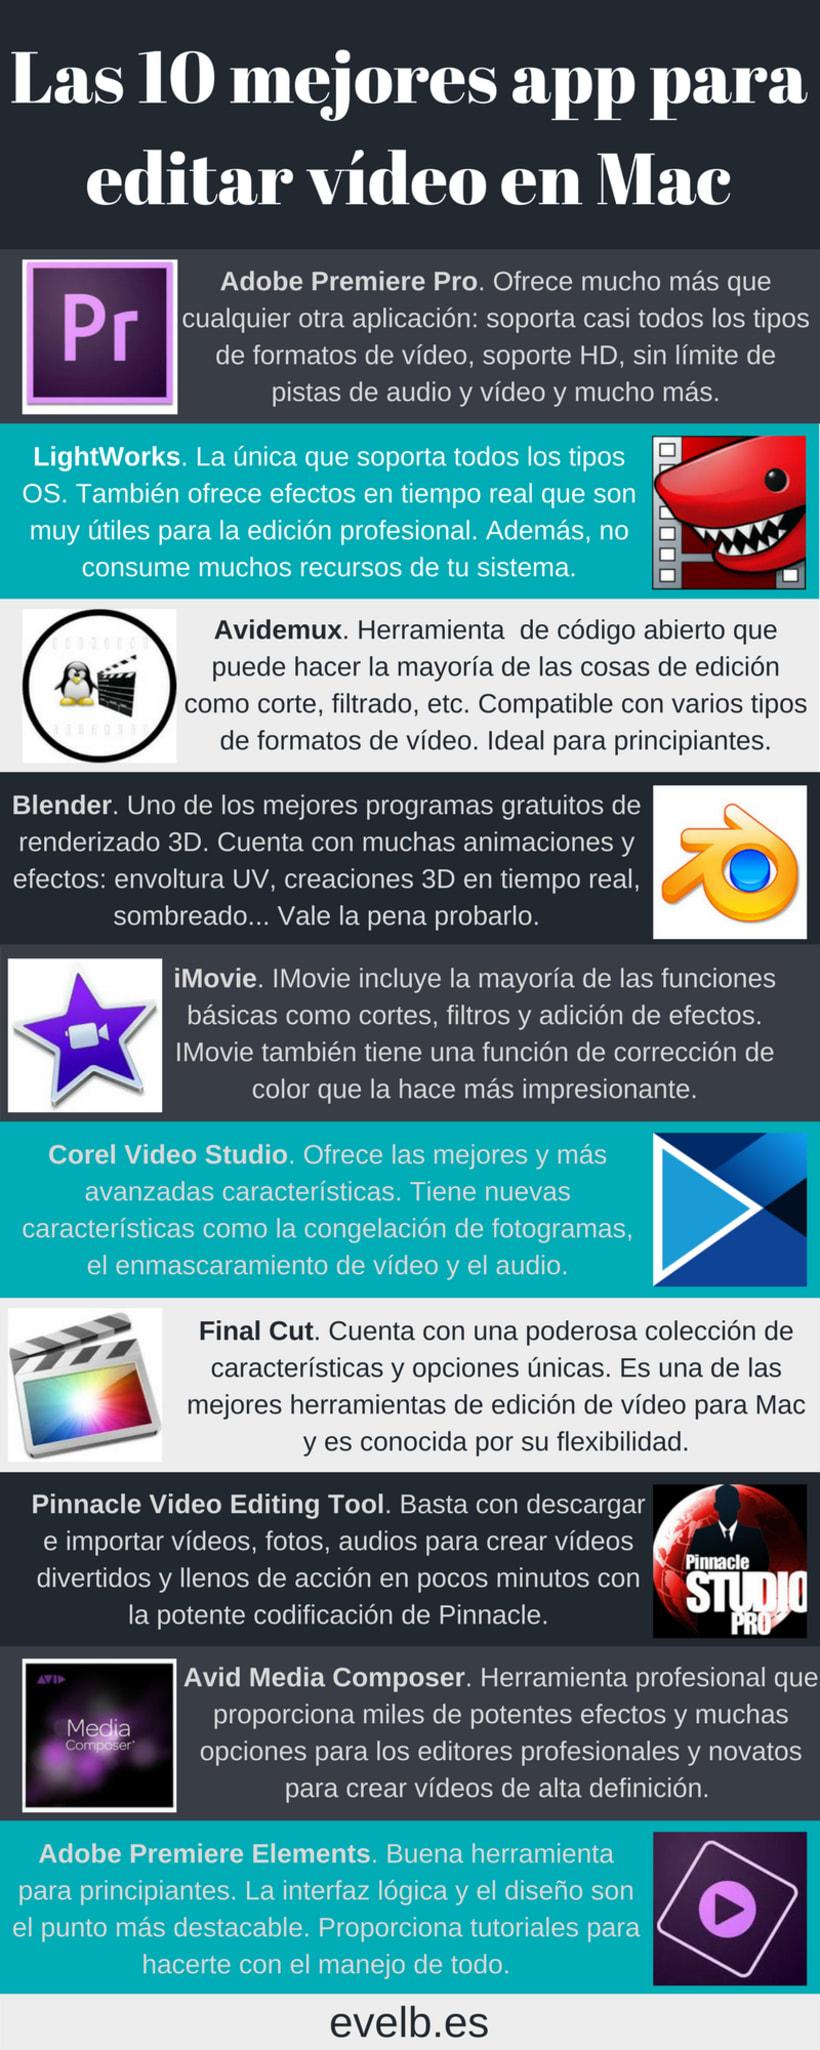 Infografías evelb.es 41